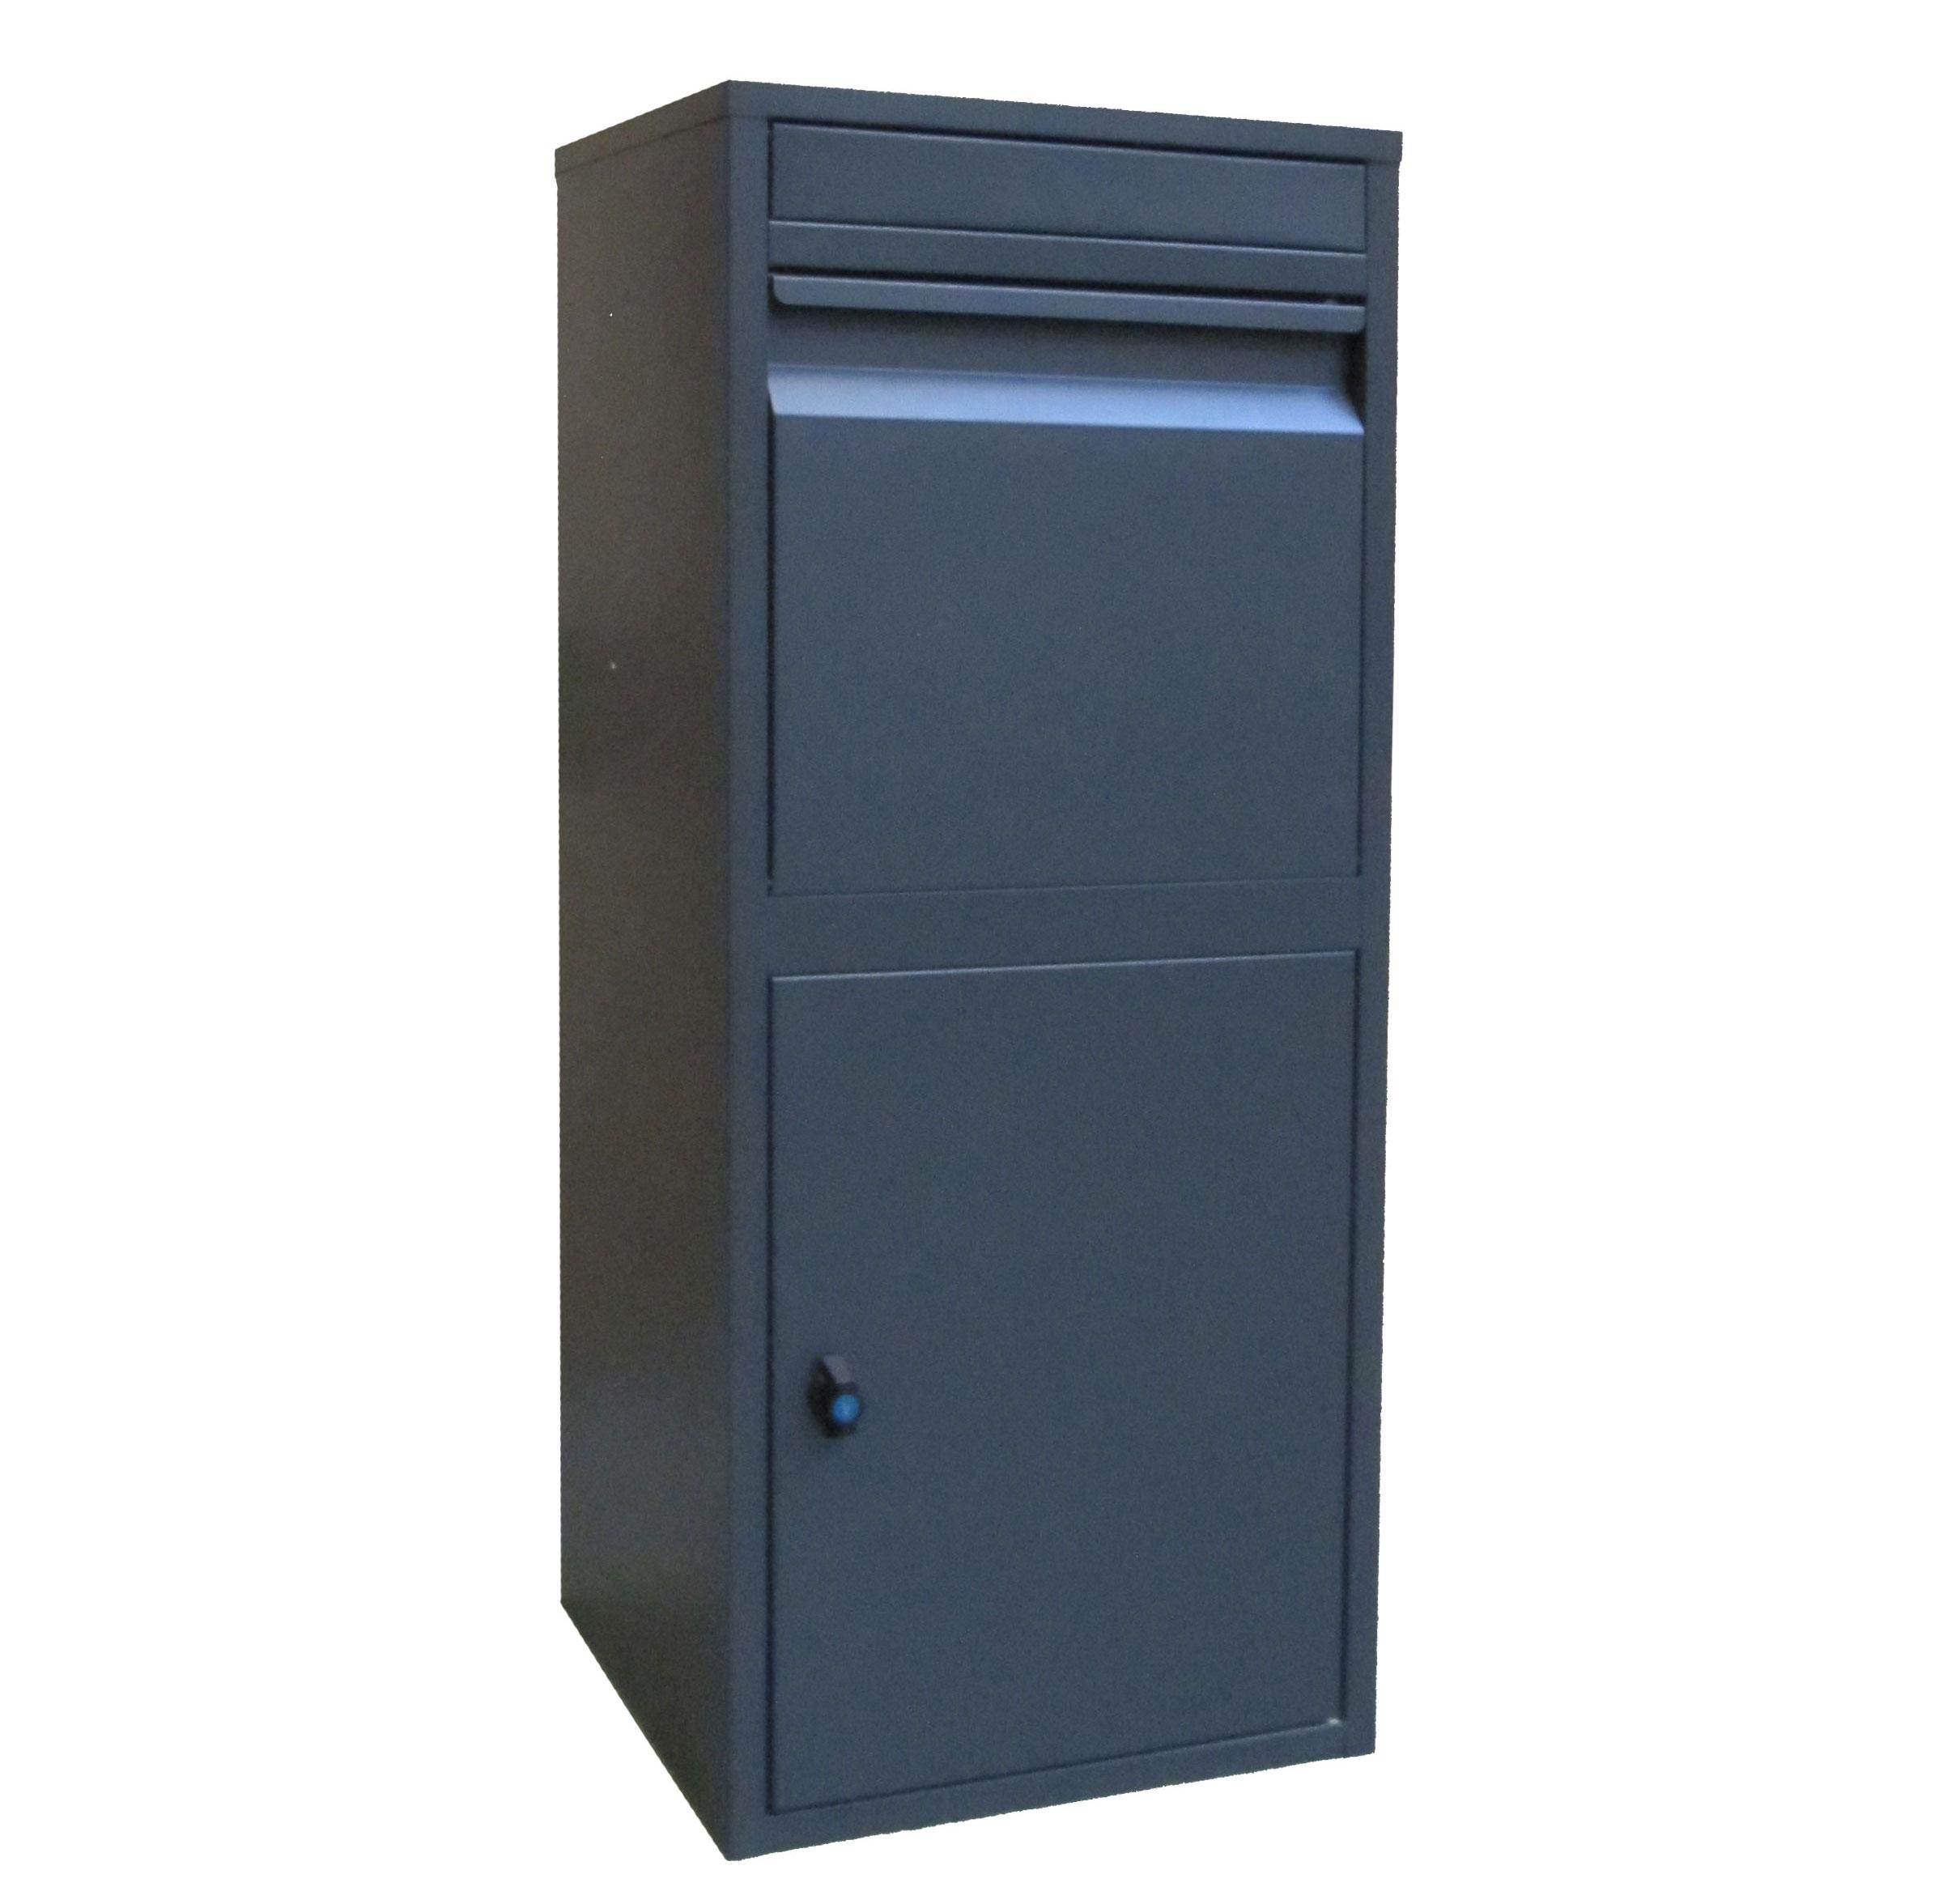 Paketbriefkasten / Paketbox / Paketkasten Chic-XL 41x38x102cm Bild 1